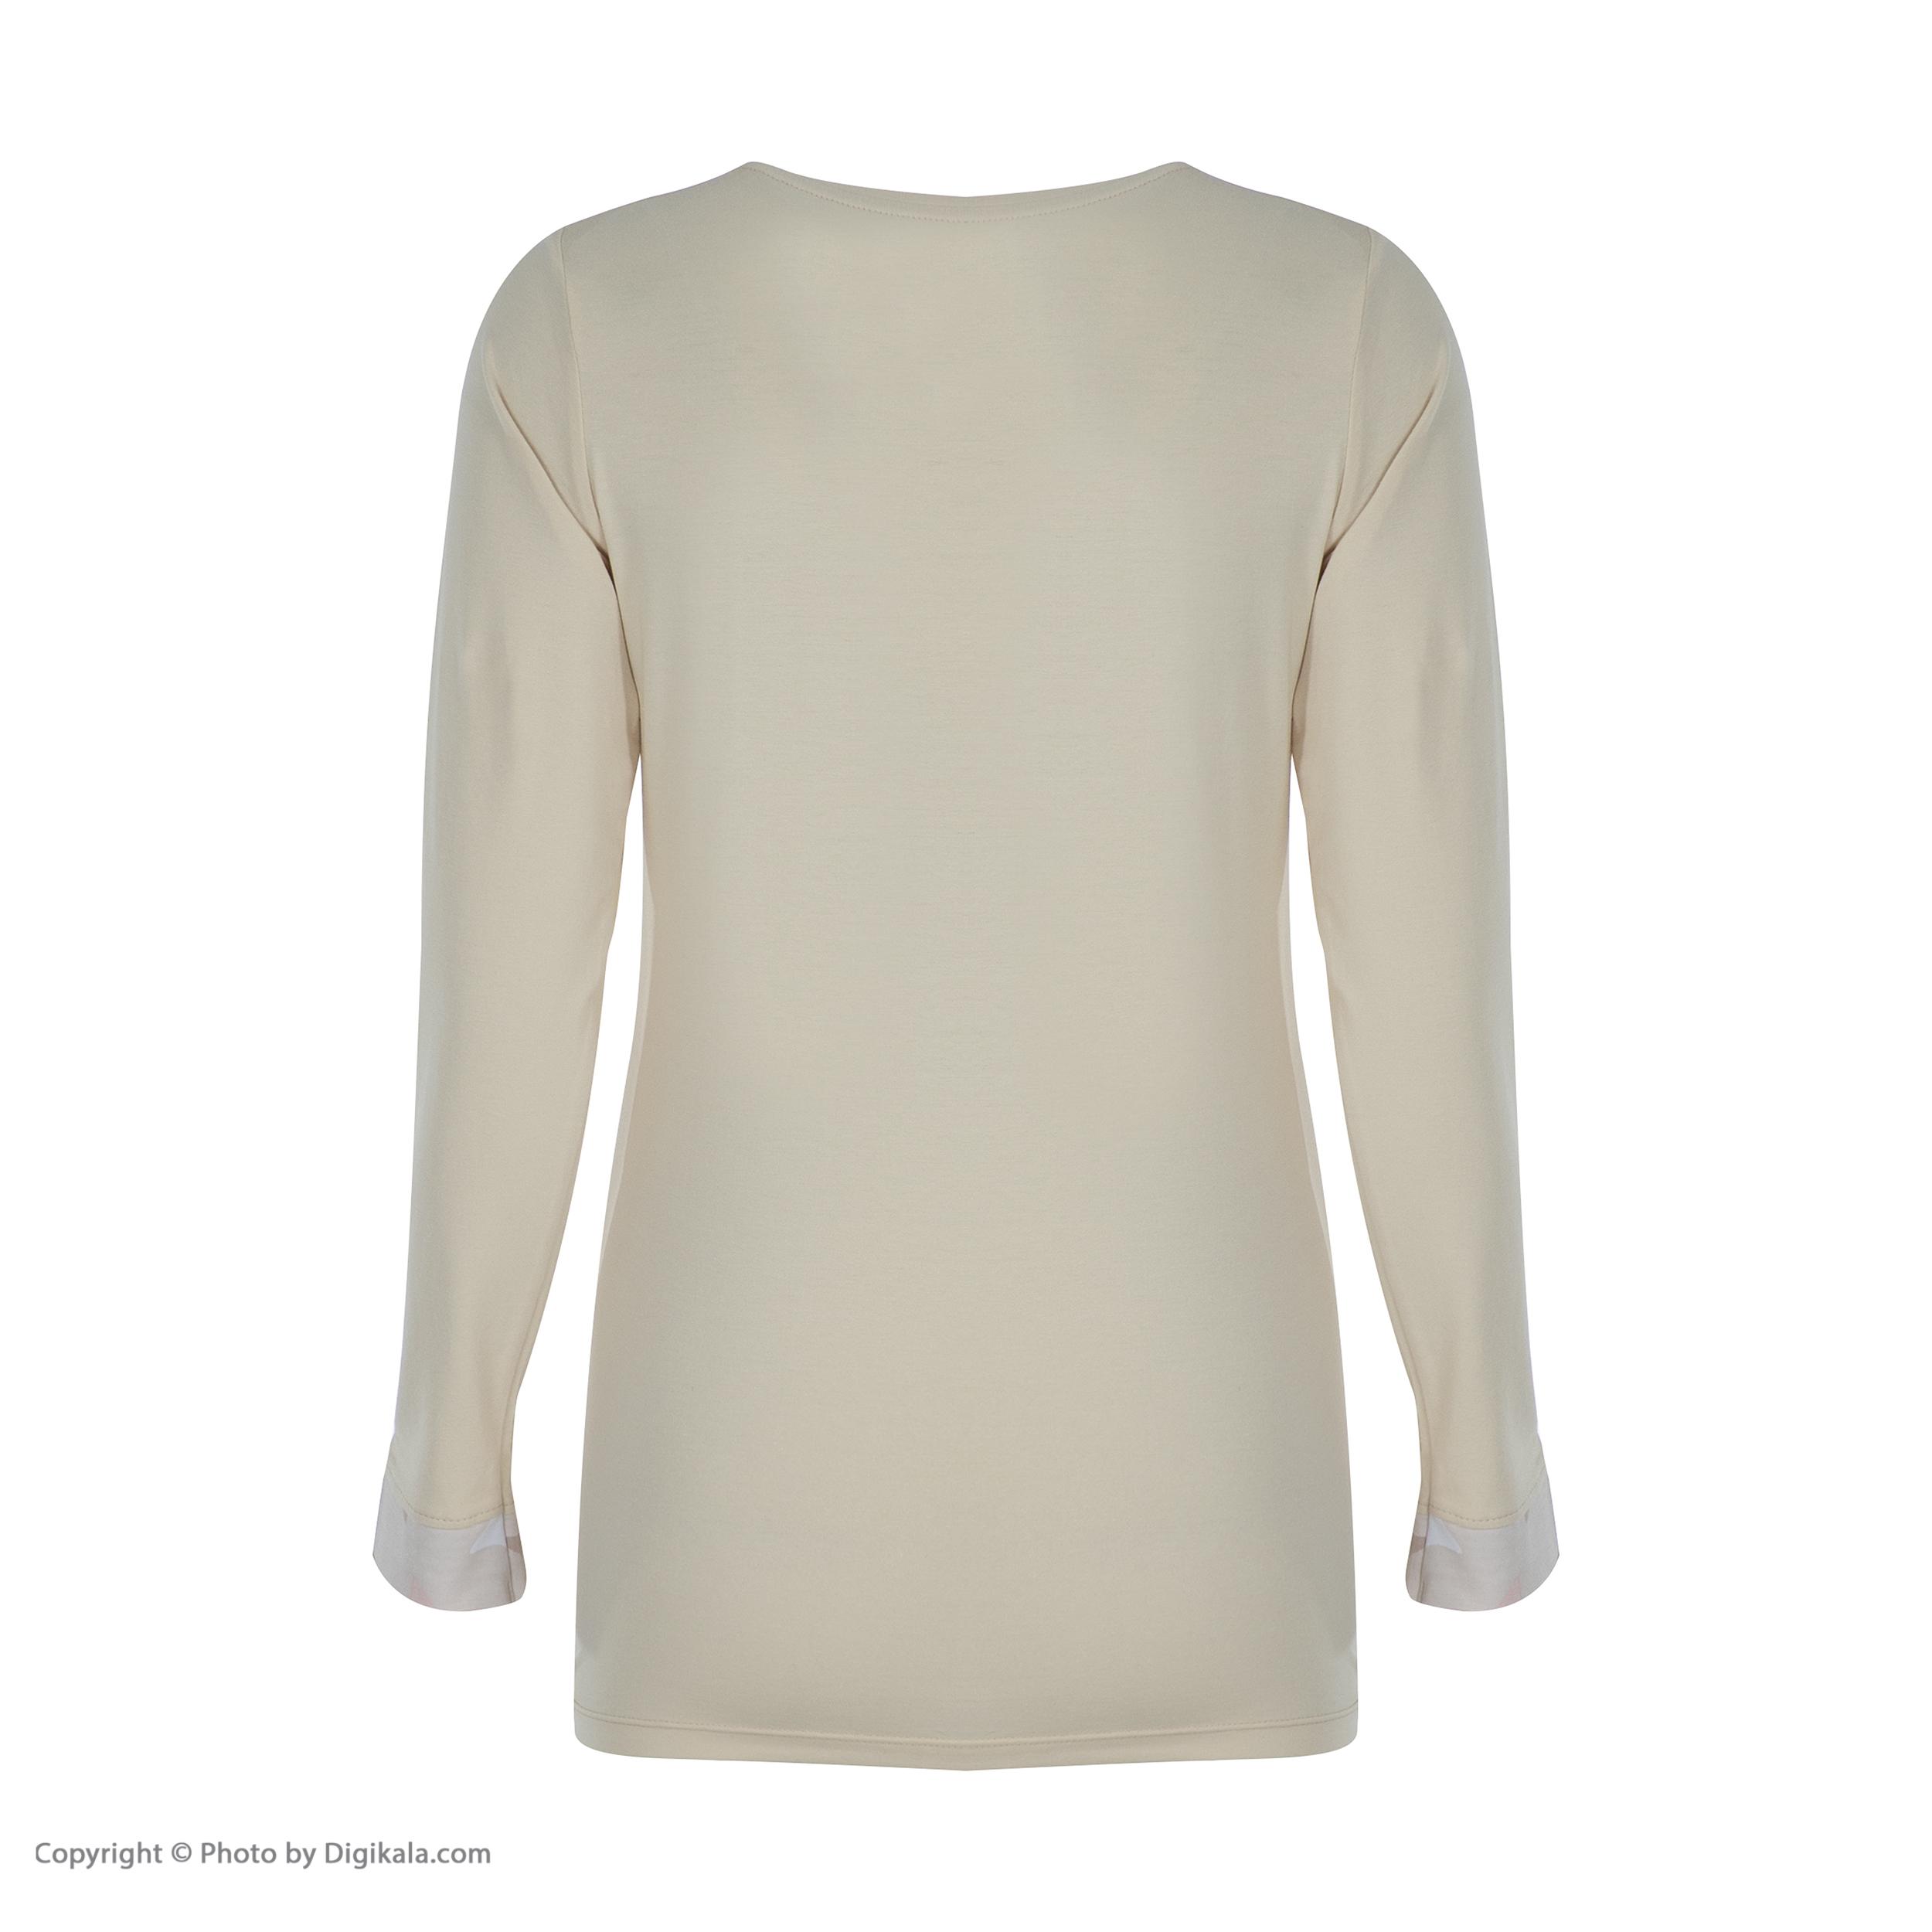 خرید                                      ست تی شرت و شلوار راحتی زنانه ناربن مدل 1521242-07